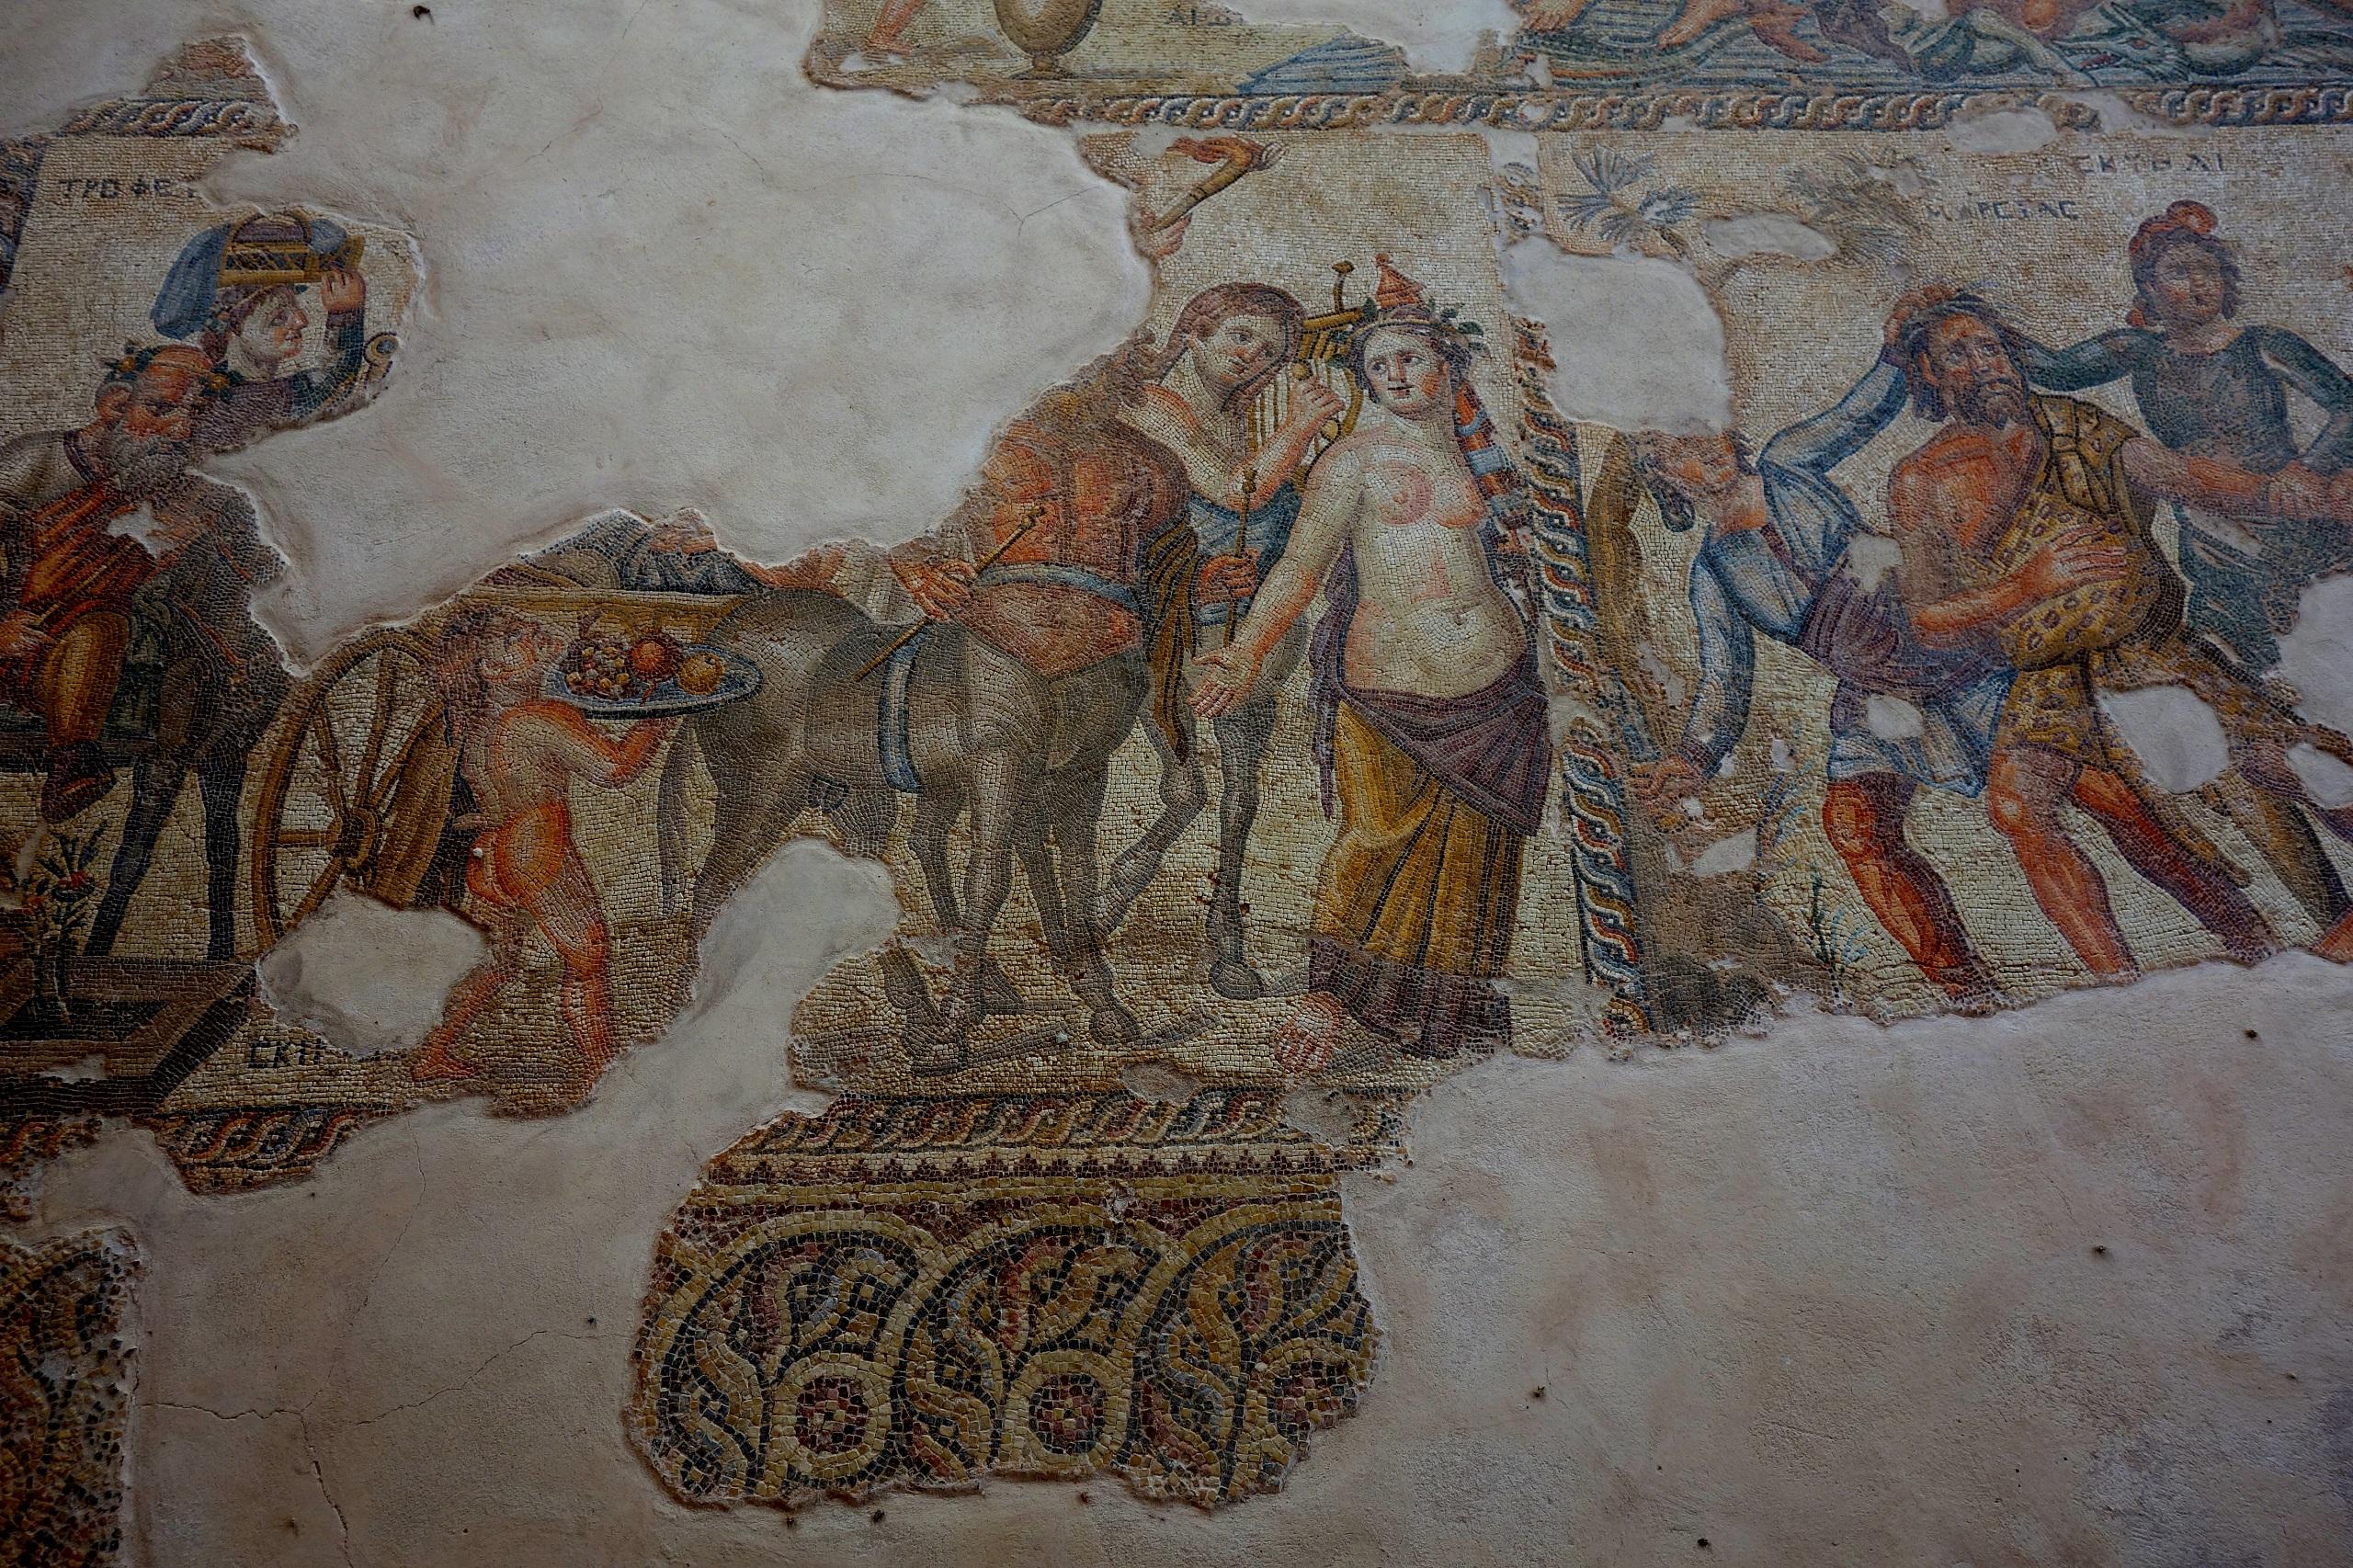 Mozaika cypryjska w Pafos, Cypr